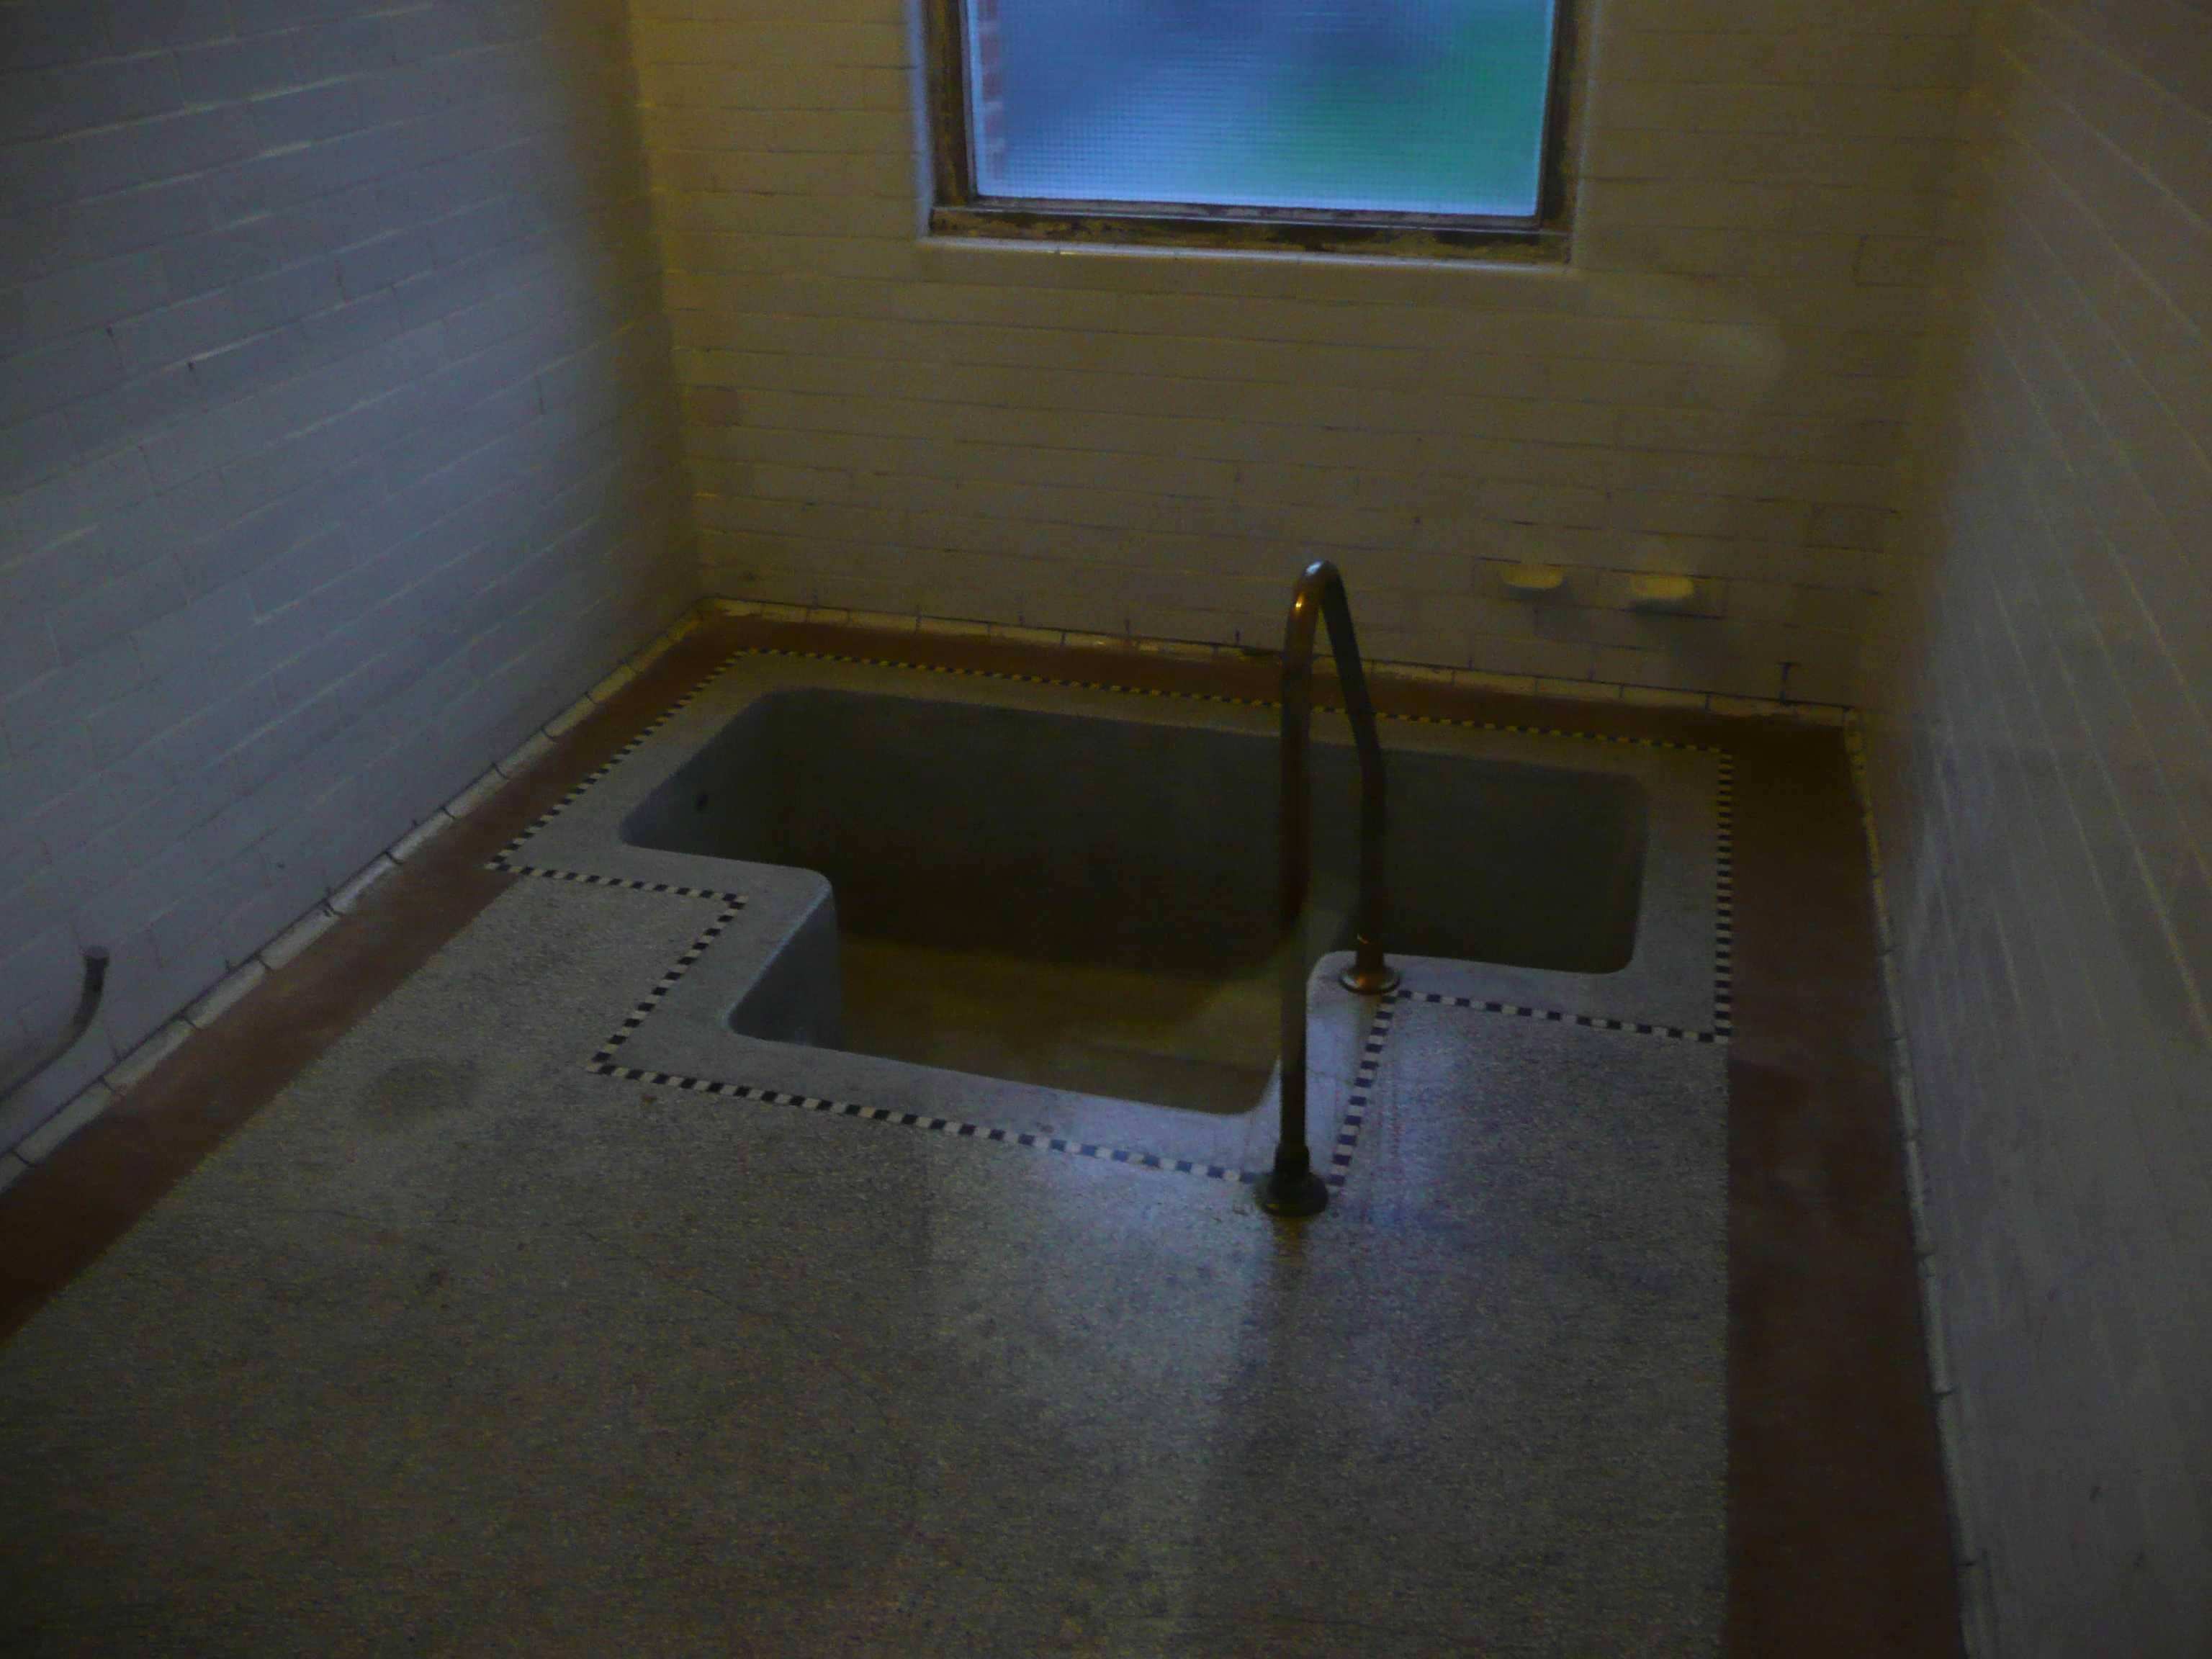 bains douches la piscine de roubaix. Black Bedroom Furniture Sets. Home Design Ideas